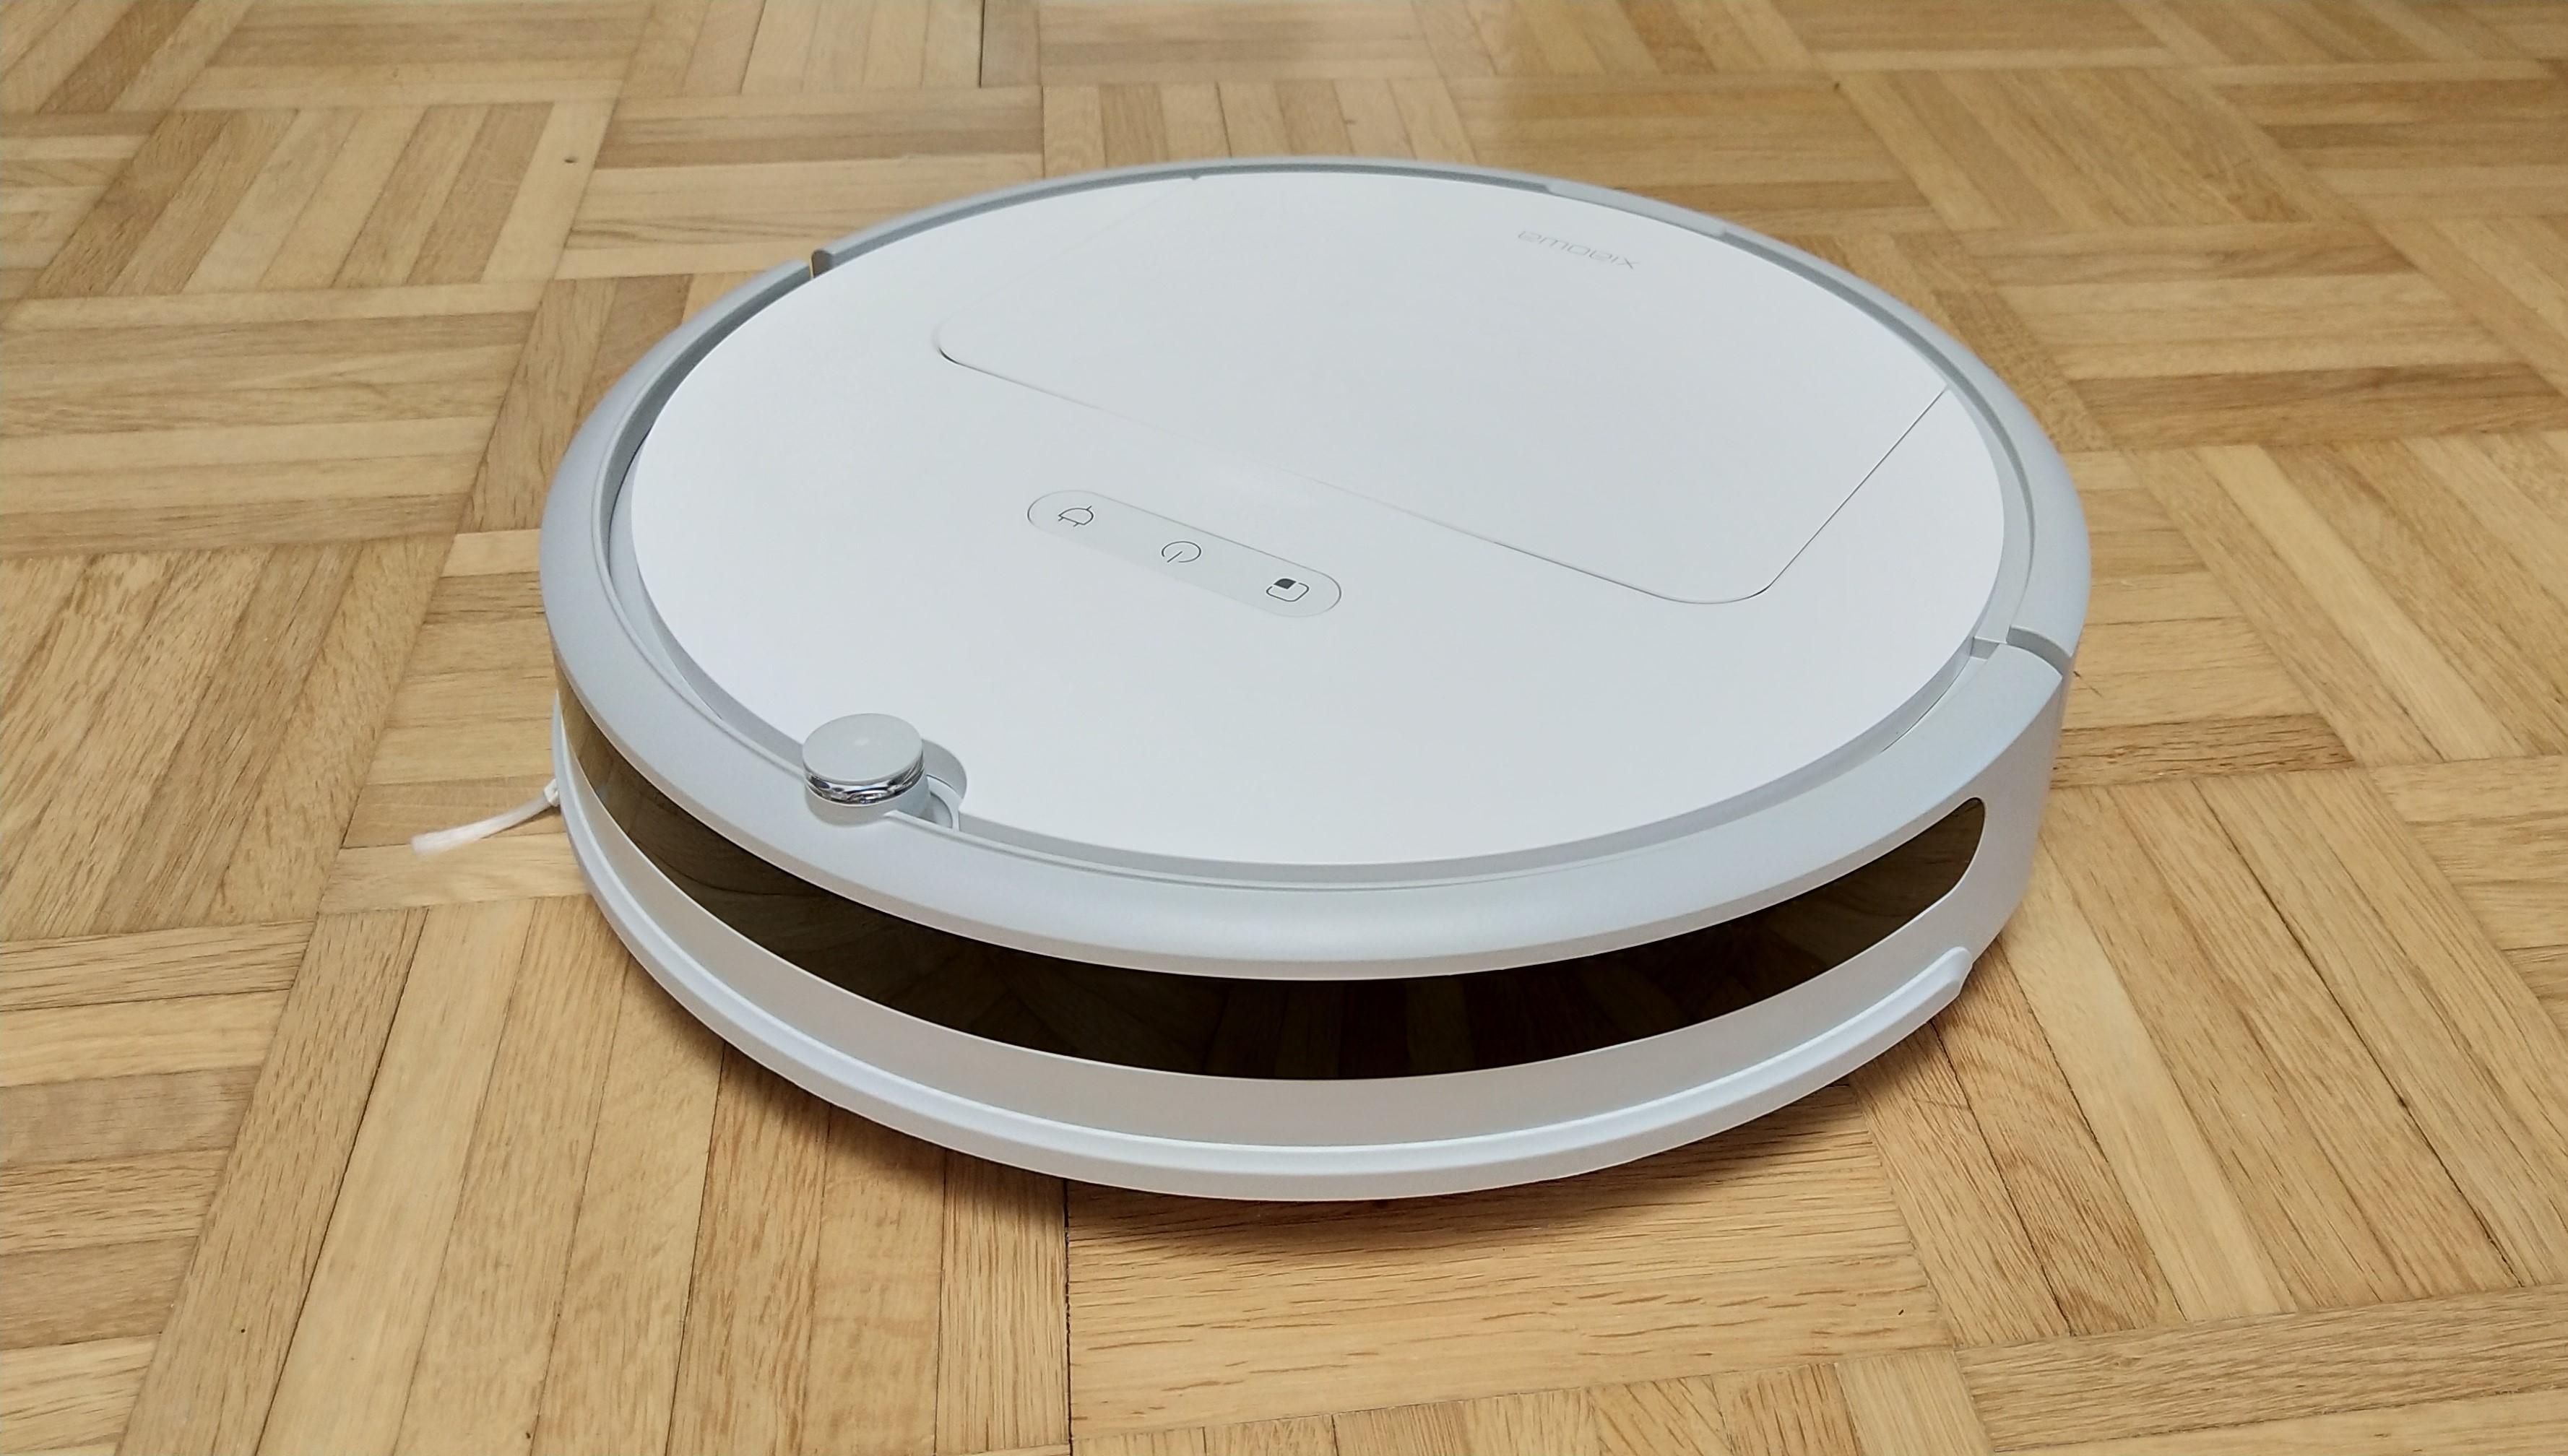 Fußboden Wohnung Xiaomi ~ Xiaomi xiaowa saugroboter c10 youth testbericht